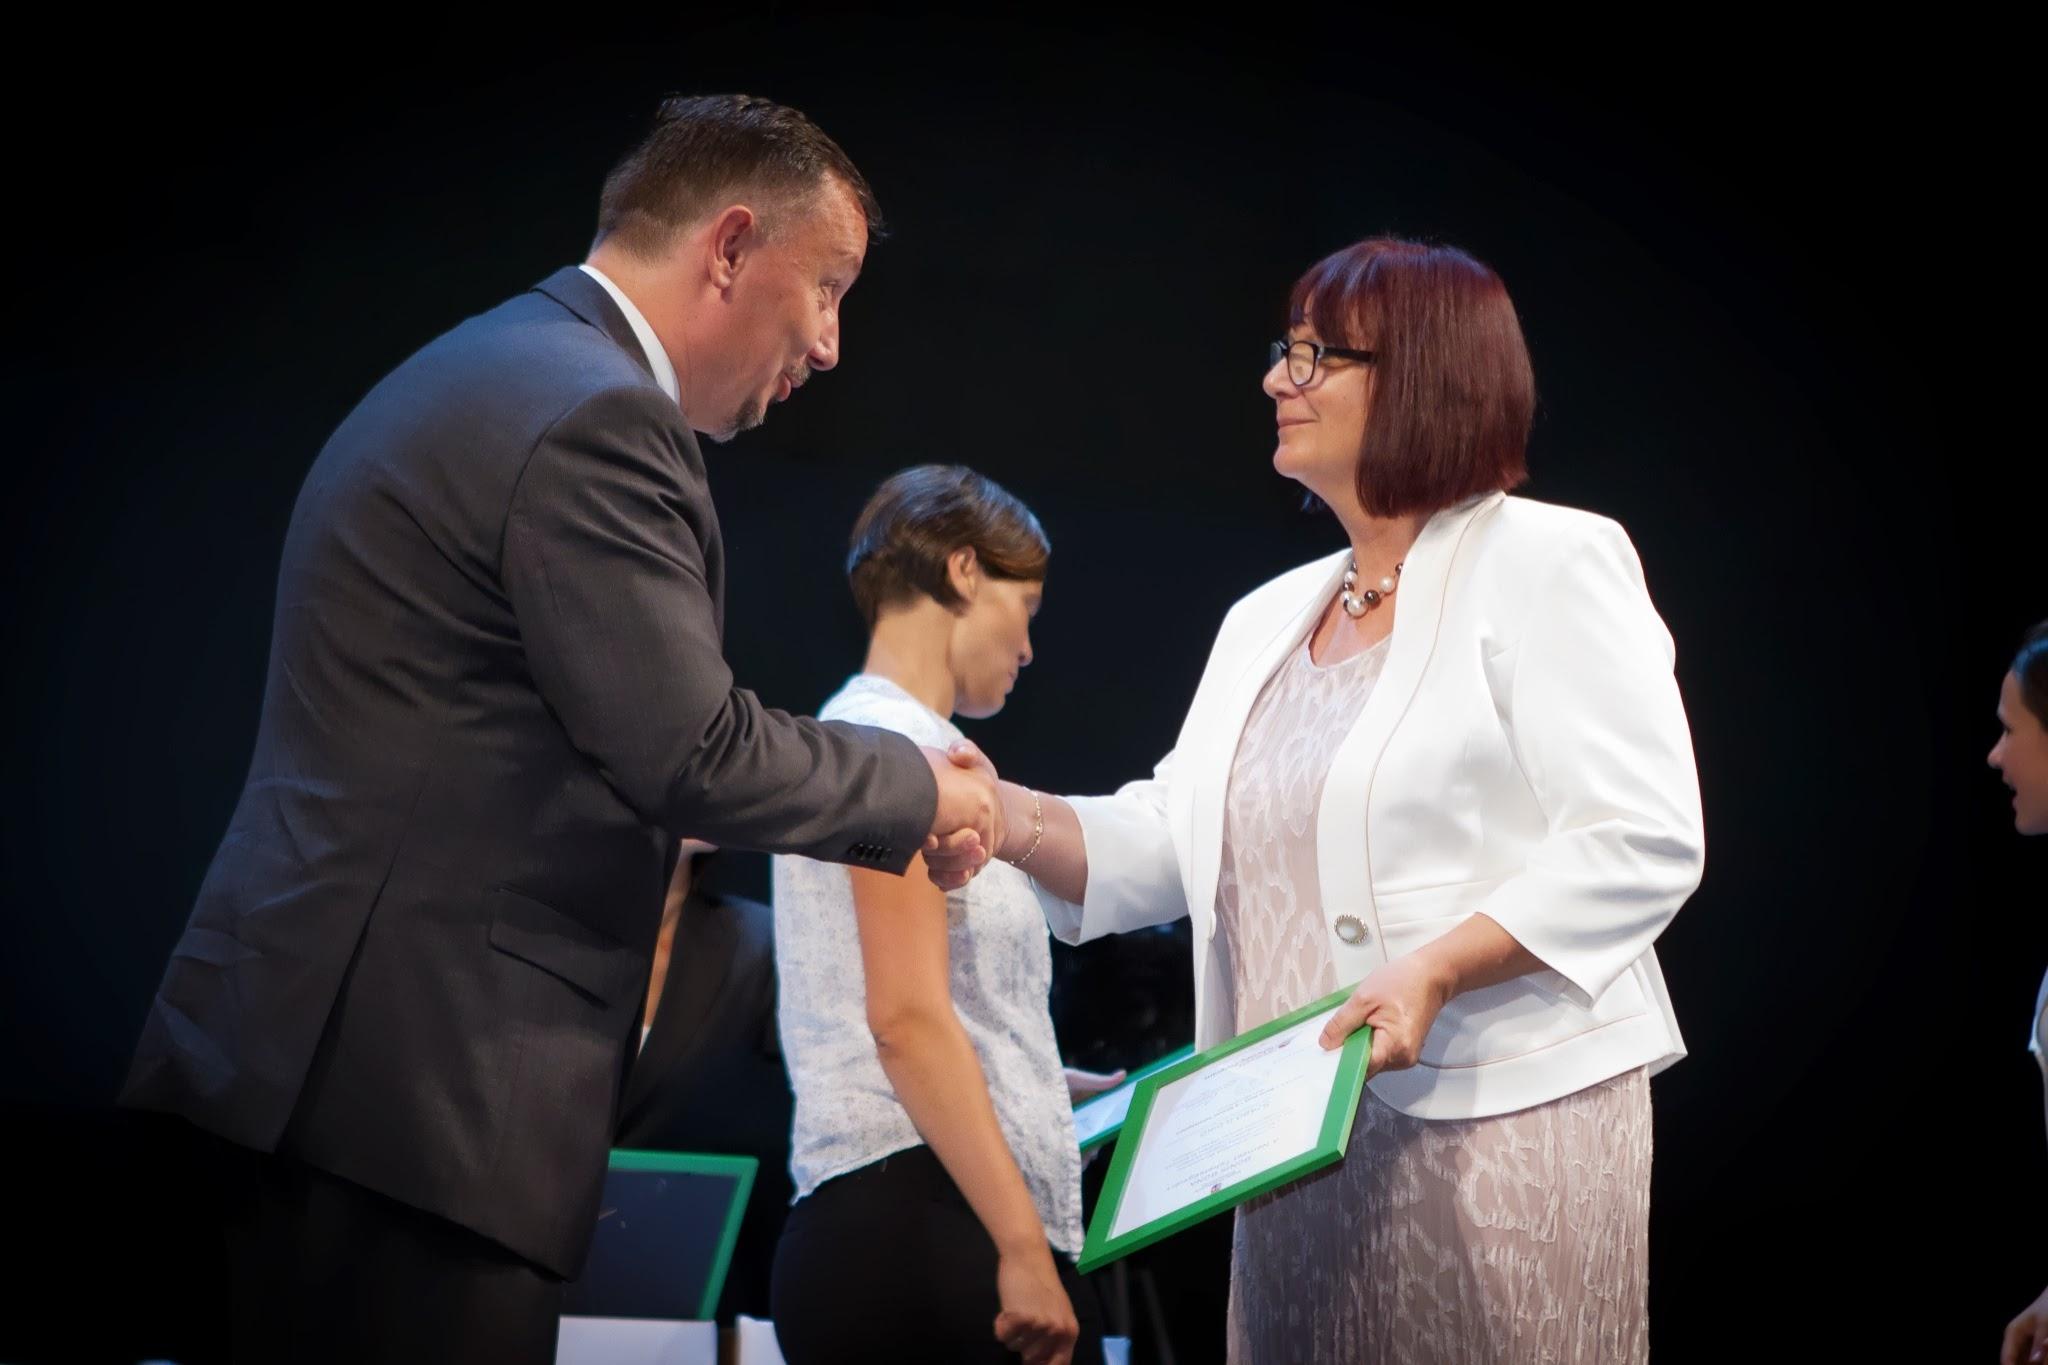 Szabó Ildikó, a Bonis bona díj átadóján (Mayer András fotója)